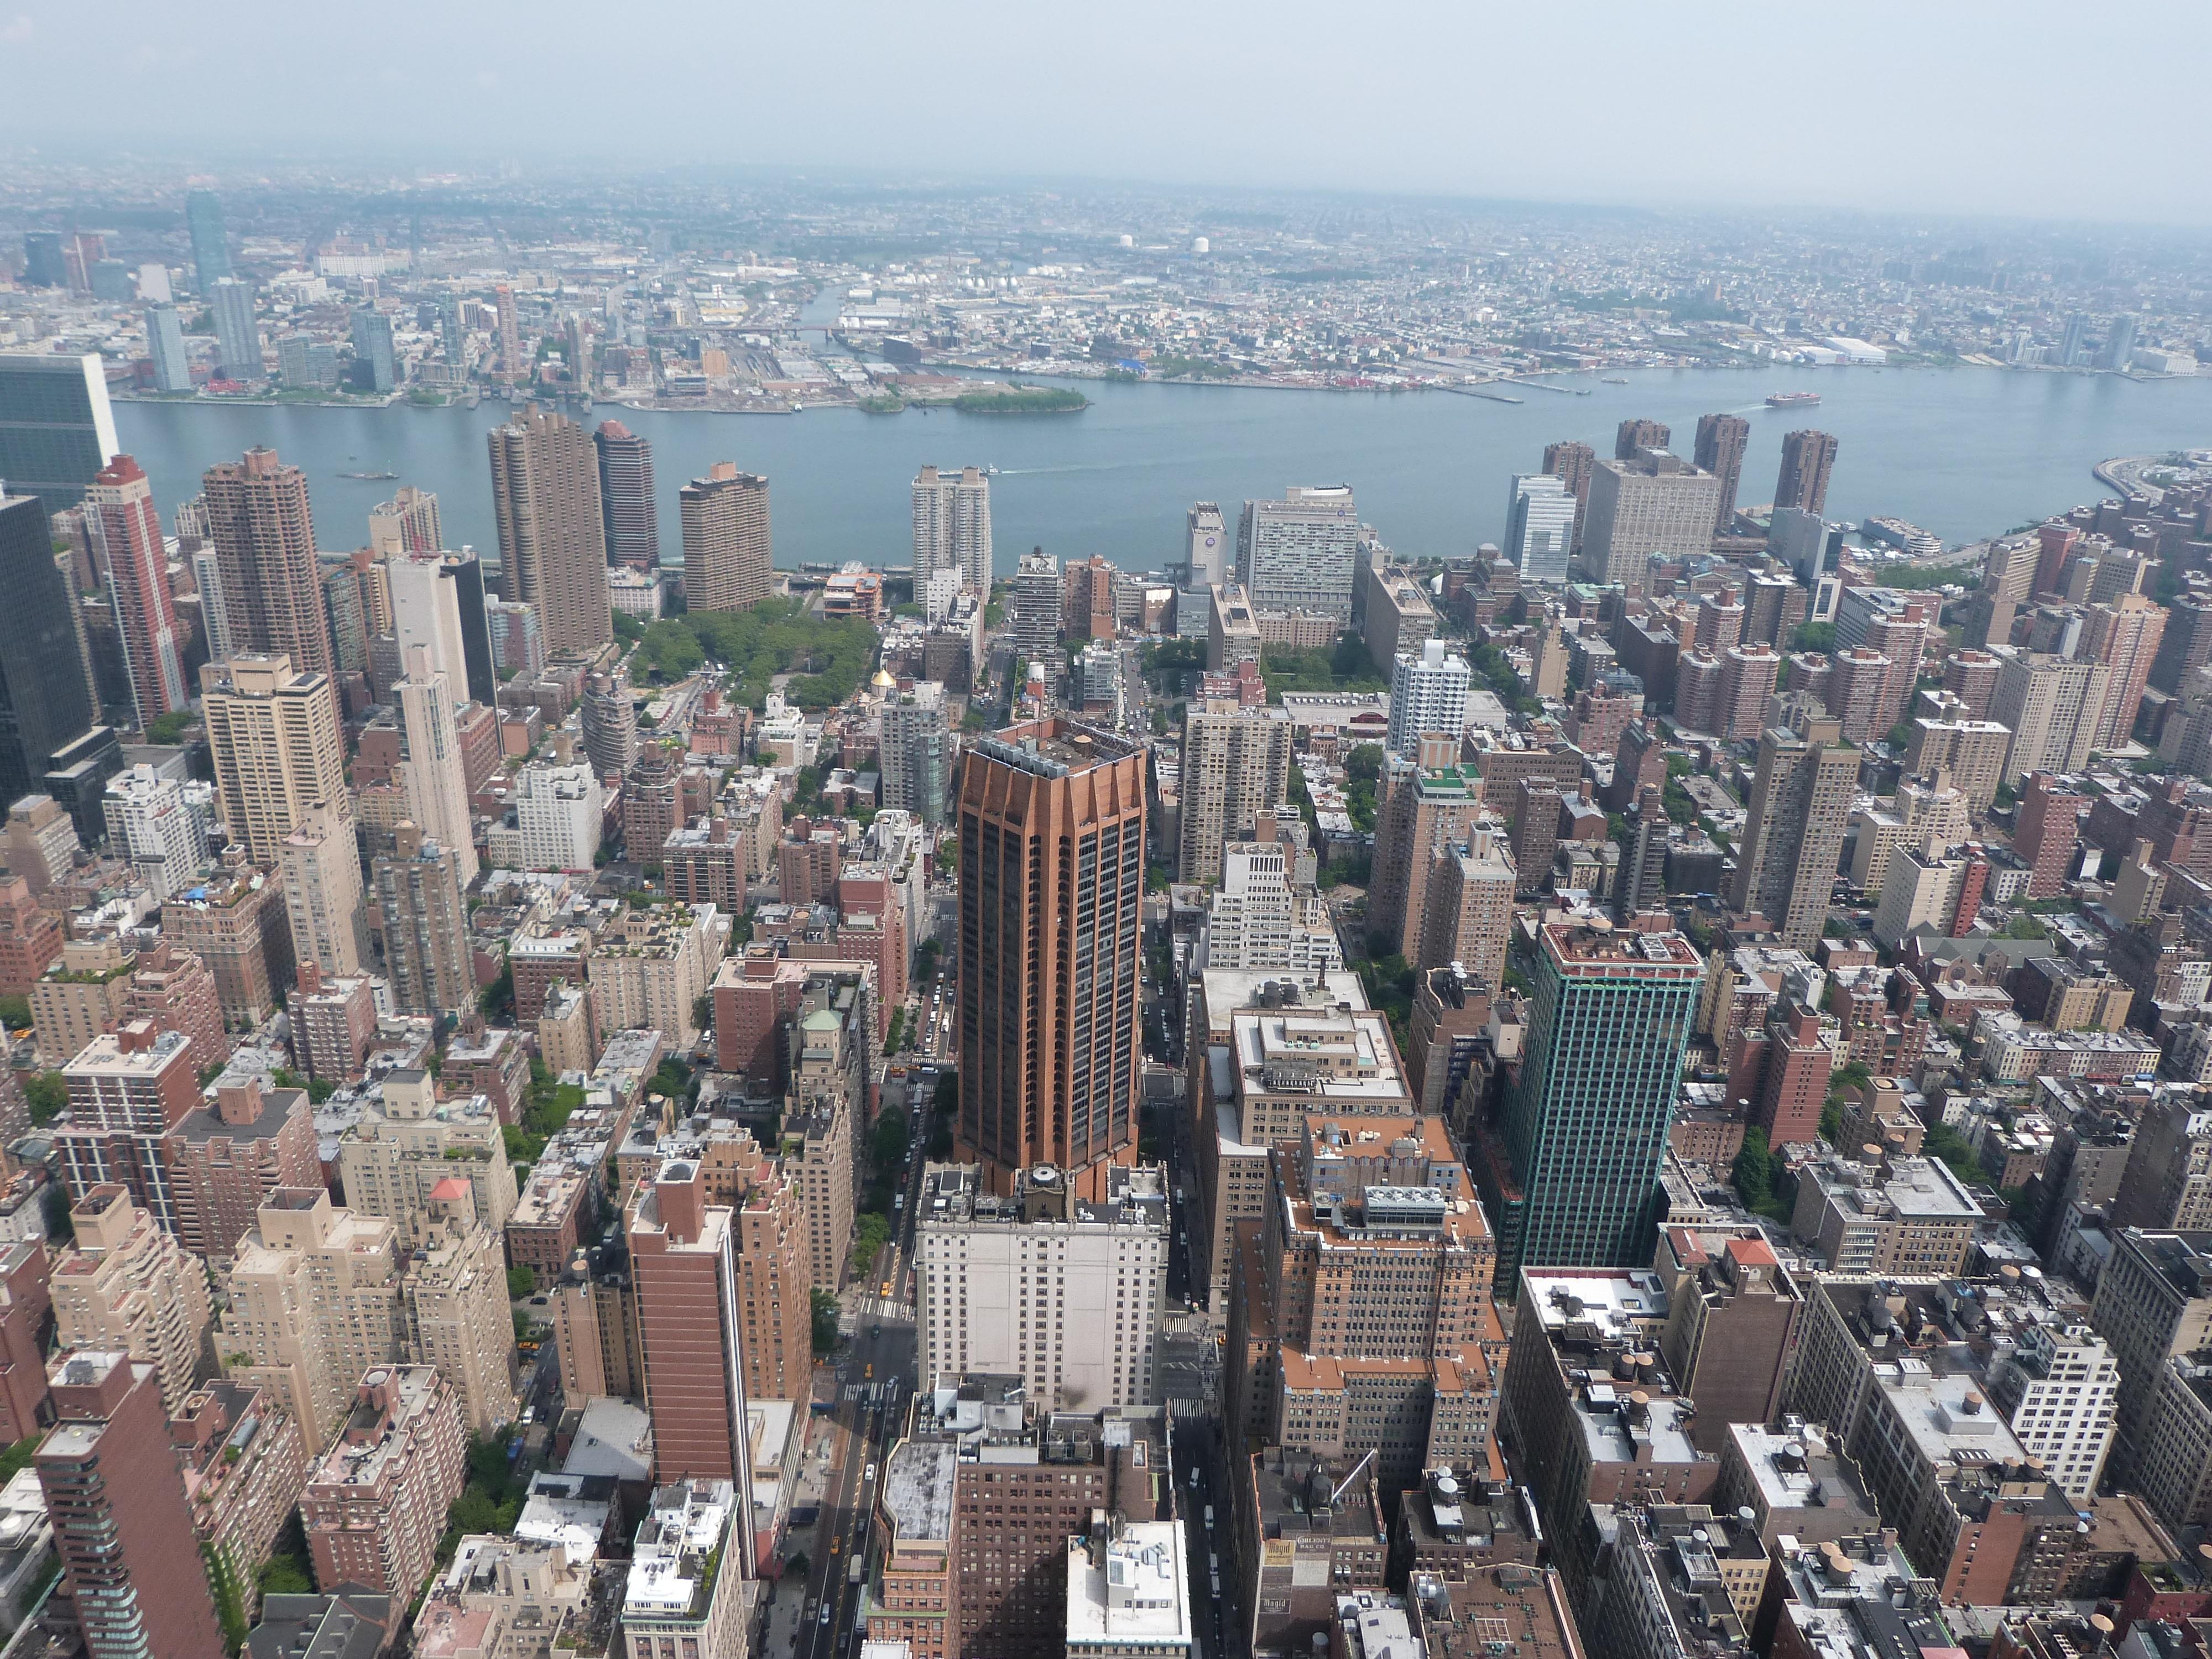 rascacielos nueva york manhattan paisaje urbano centro de la ciudad torre estados unidos edificio empire state bloque de pisos metrpoli